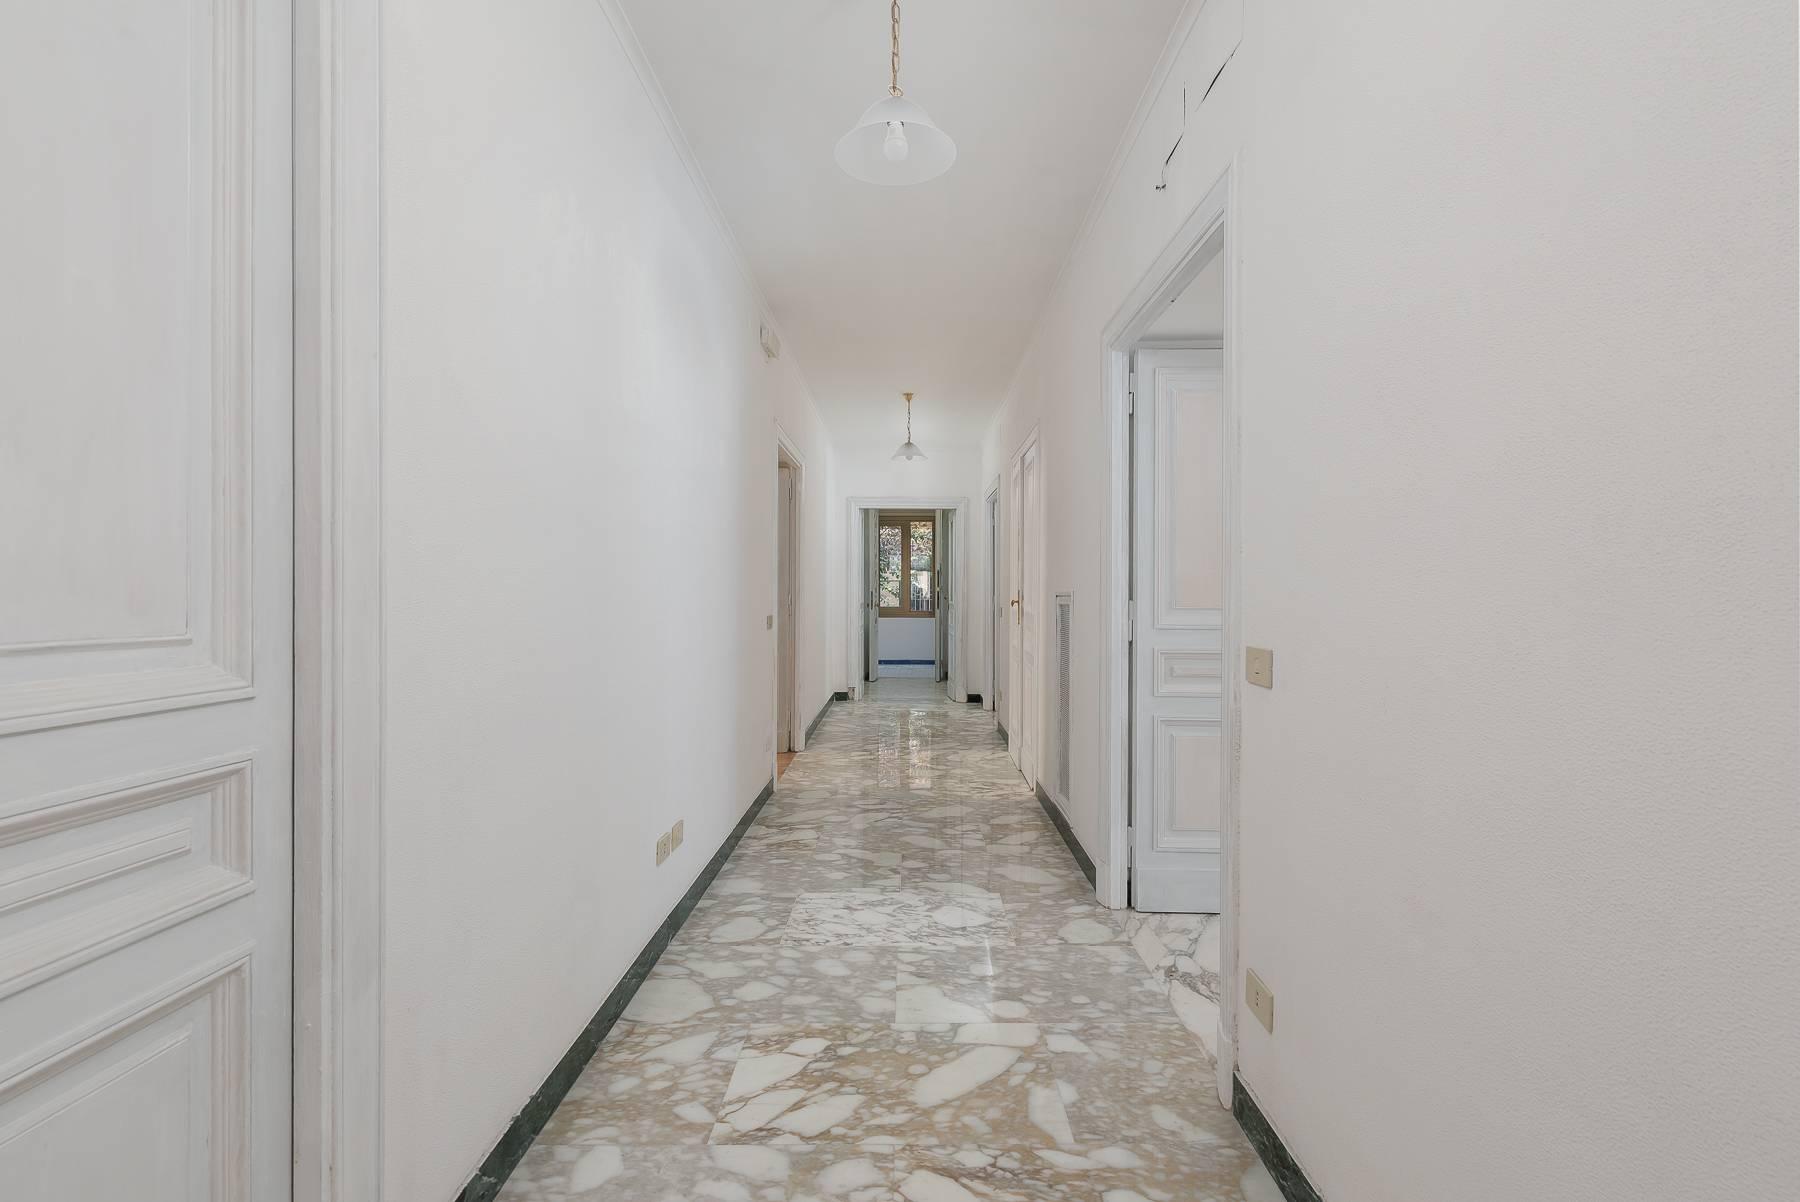 Ufficio-studio in Vendita a Roma: 5 locali, 322 mq - Foto 14